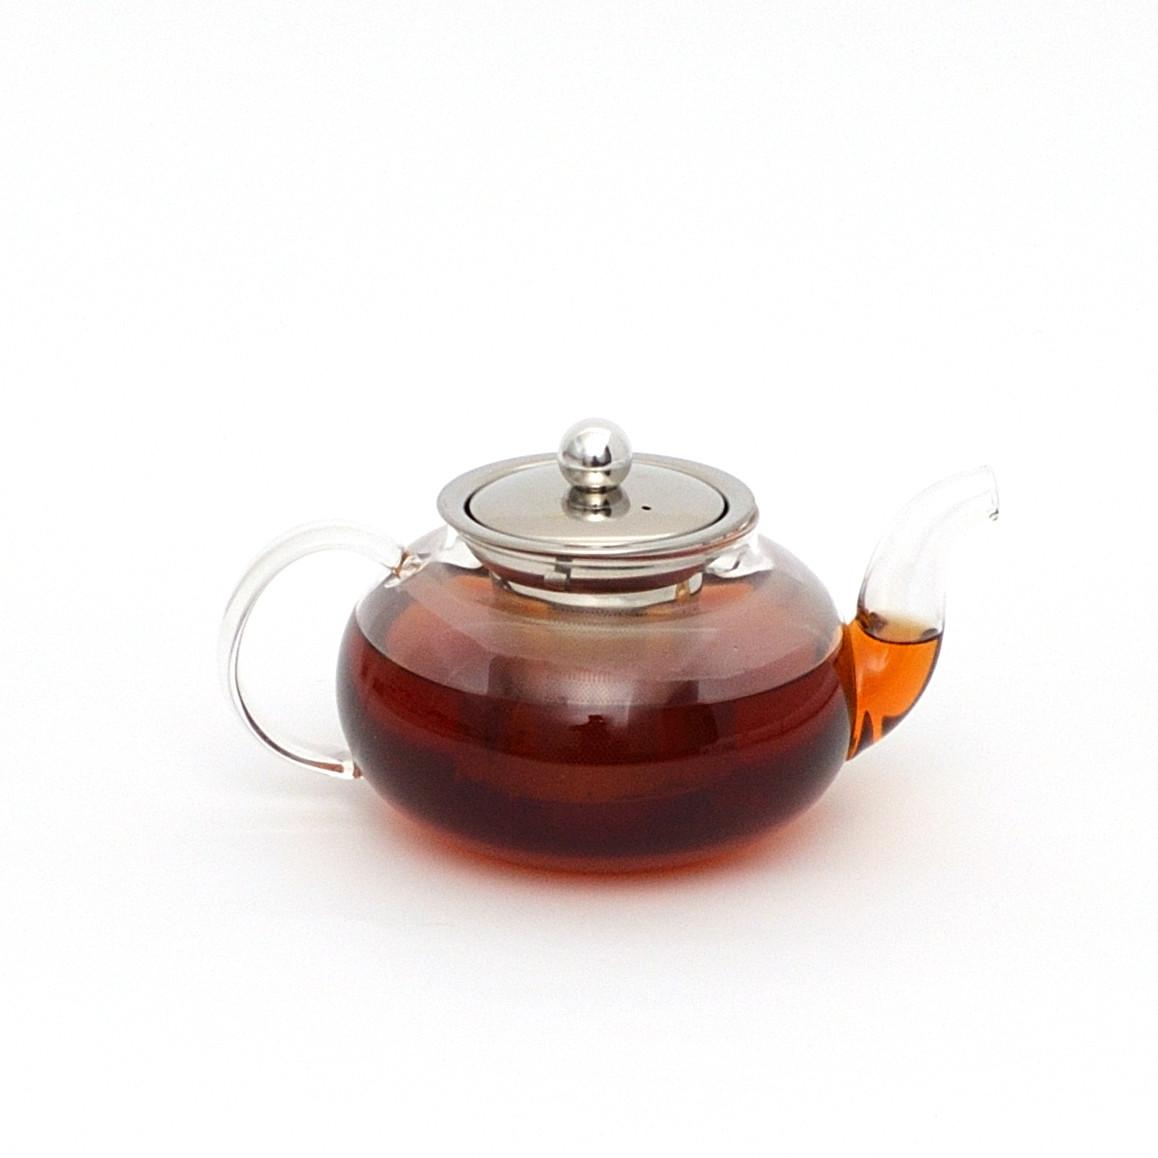 Чайник стеклянный с металлическим ситом, 600 мл. Заварочный чайник